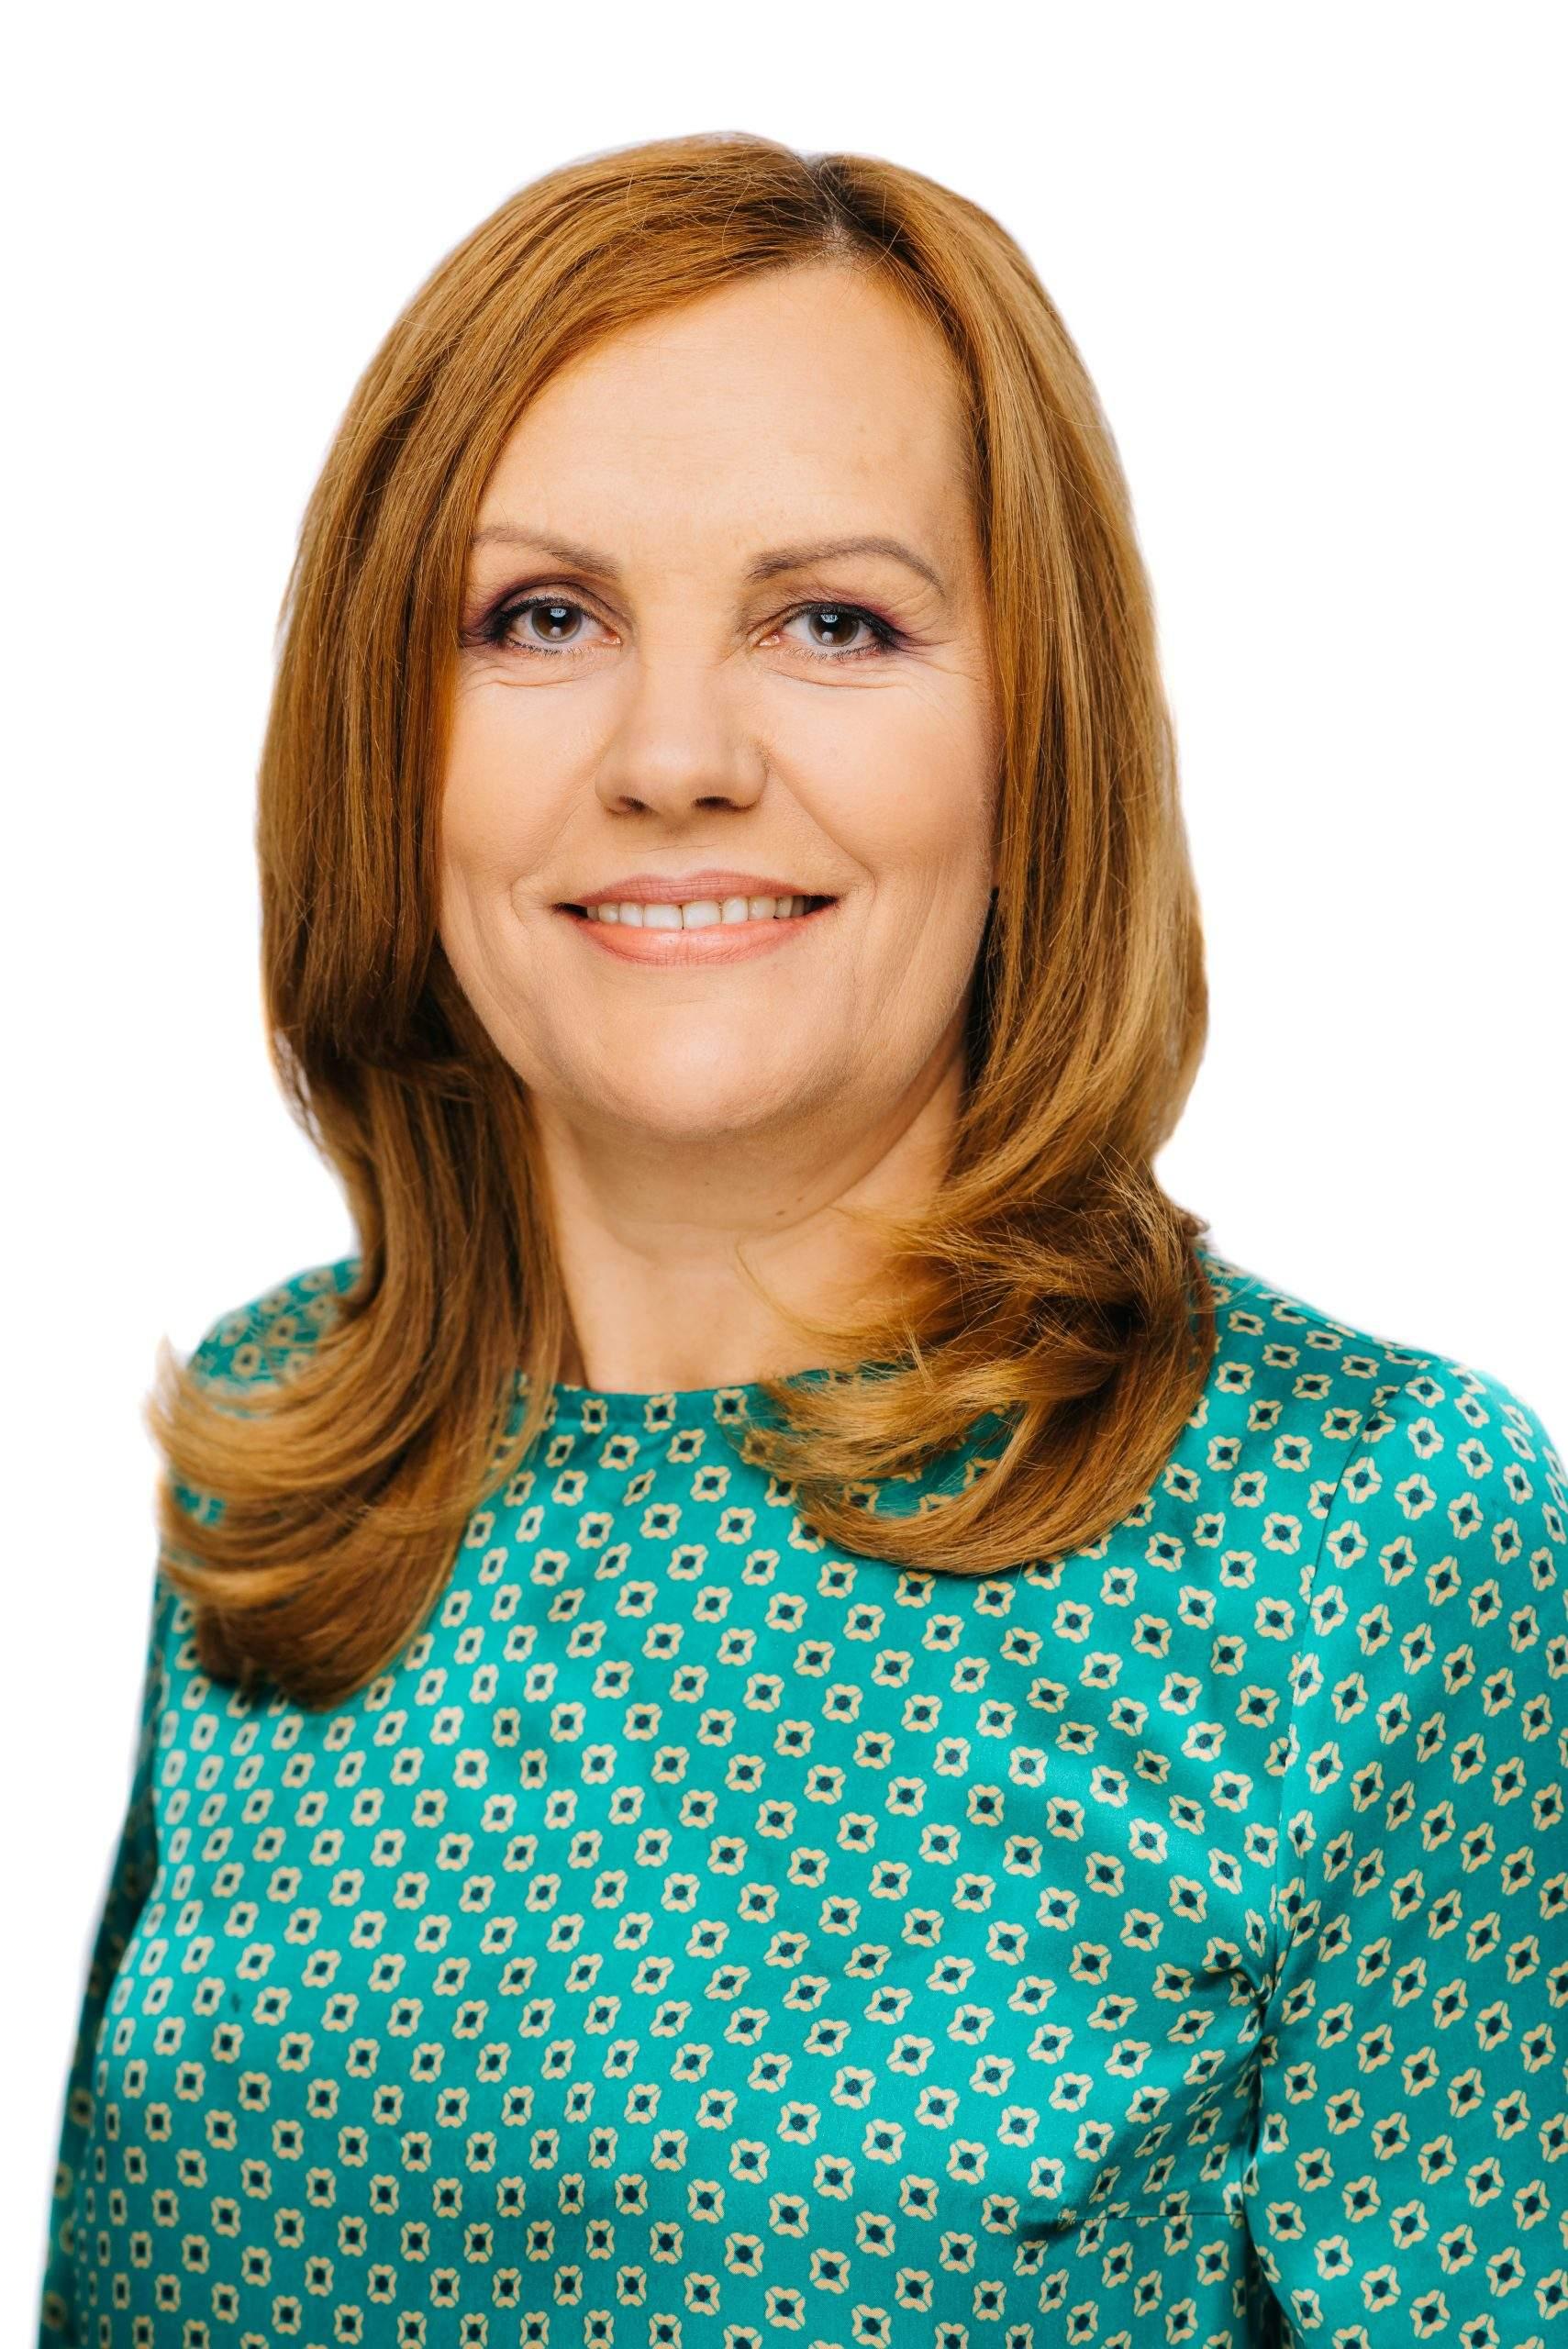 Dina Tanberga